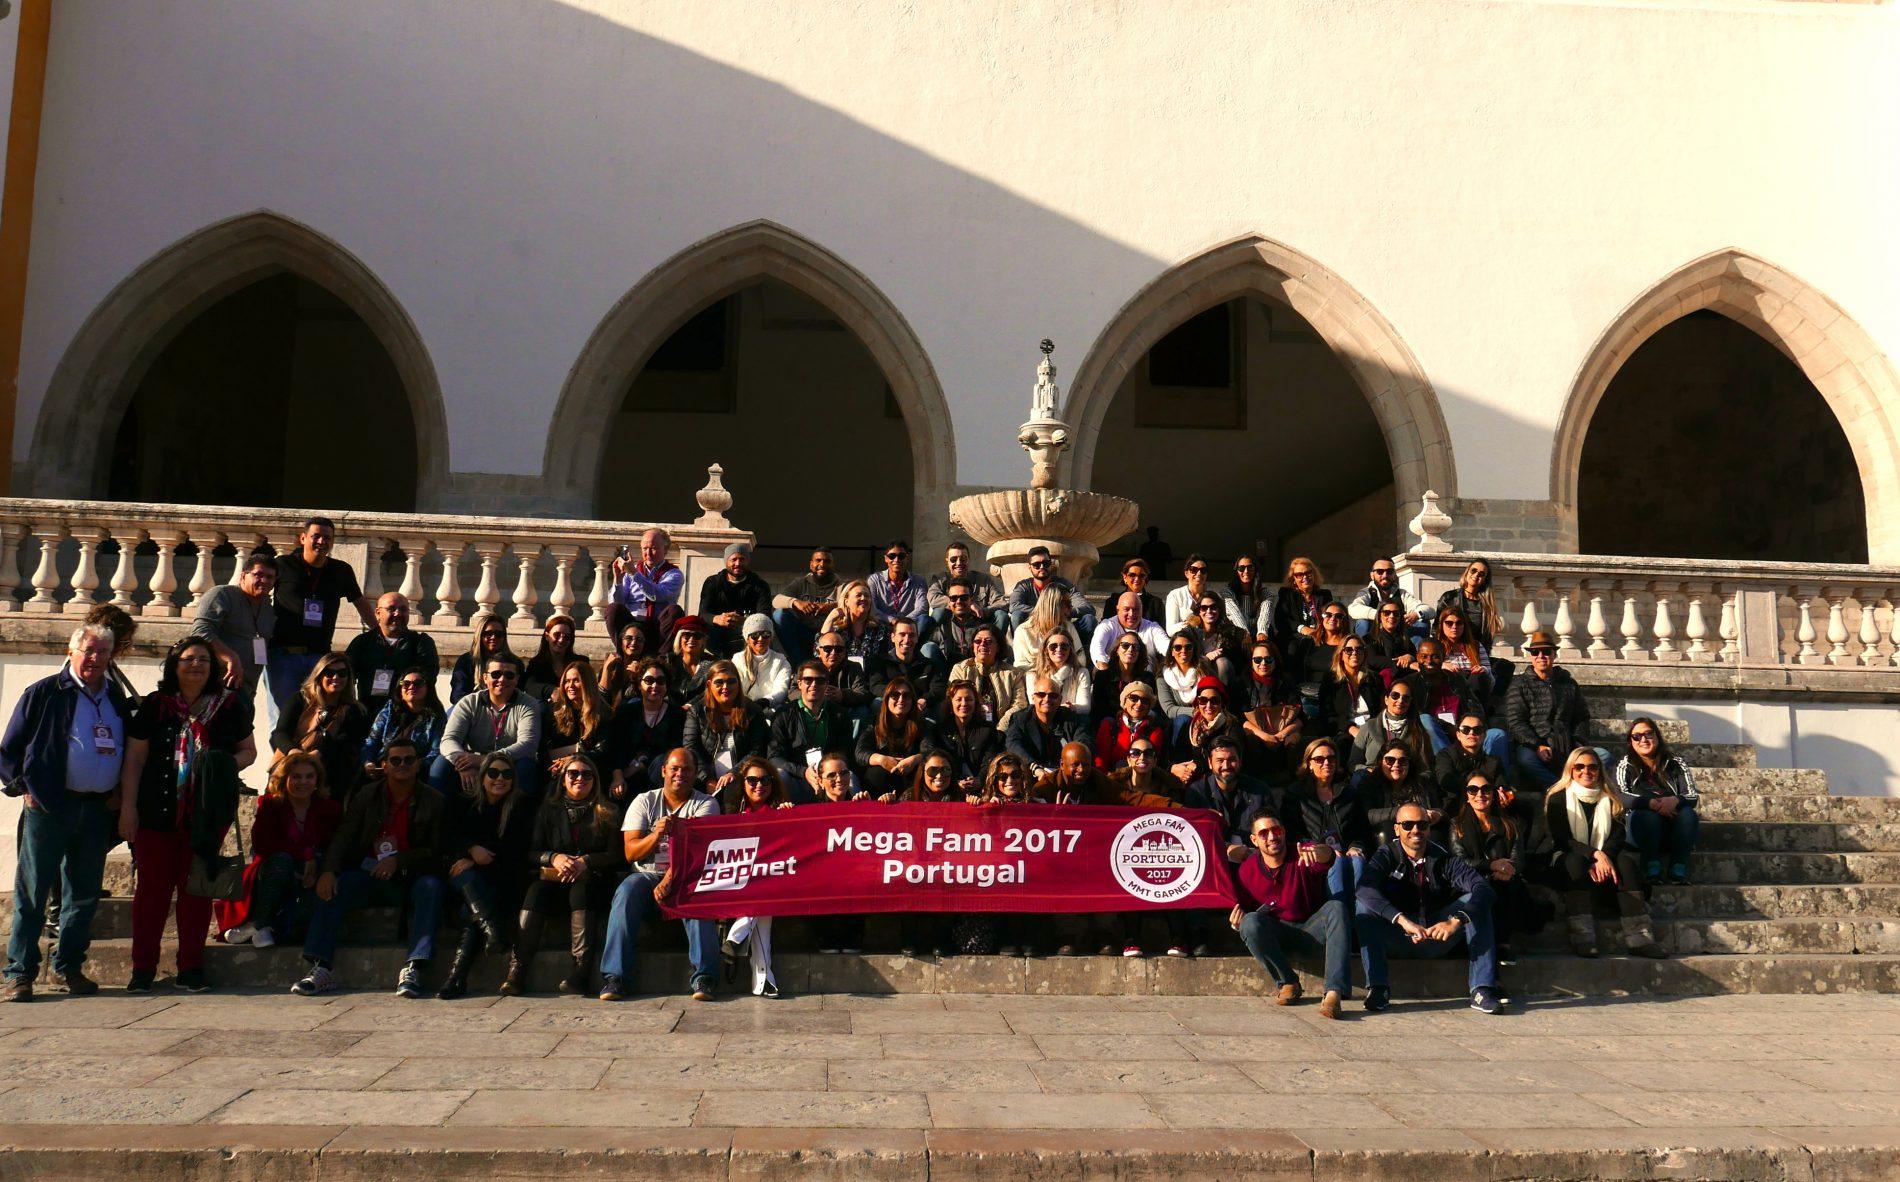 Em frente ao Palácio de Sintra, a foto dos agentes premiados com o Megafam 2017 Portugal